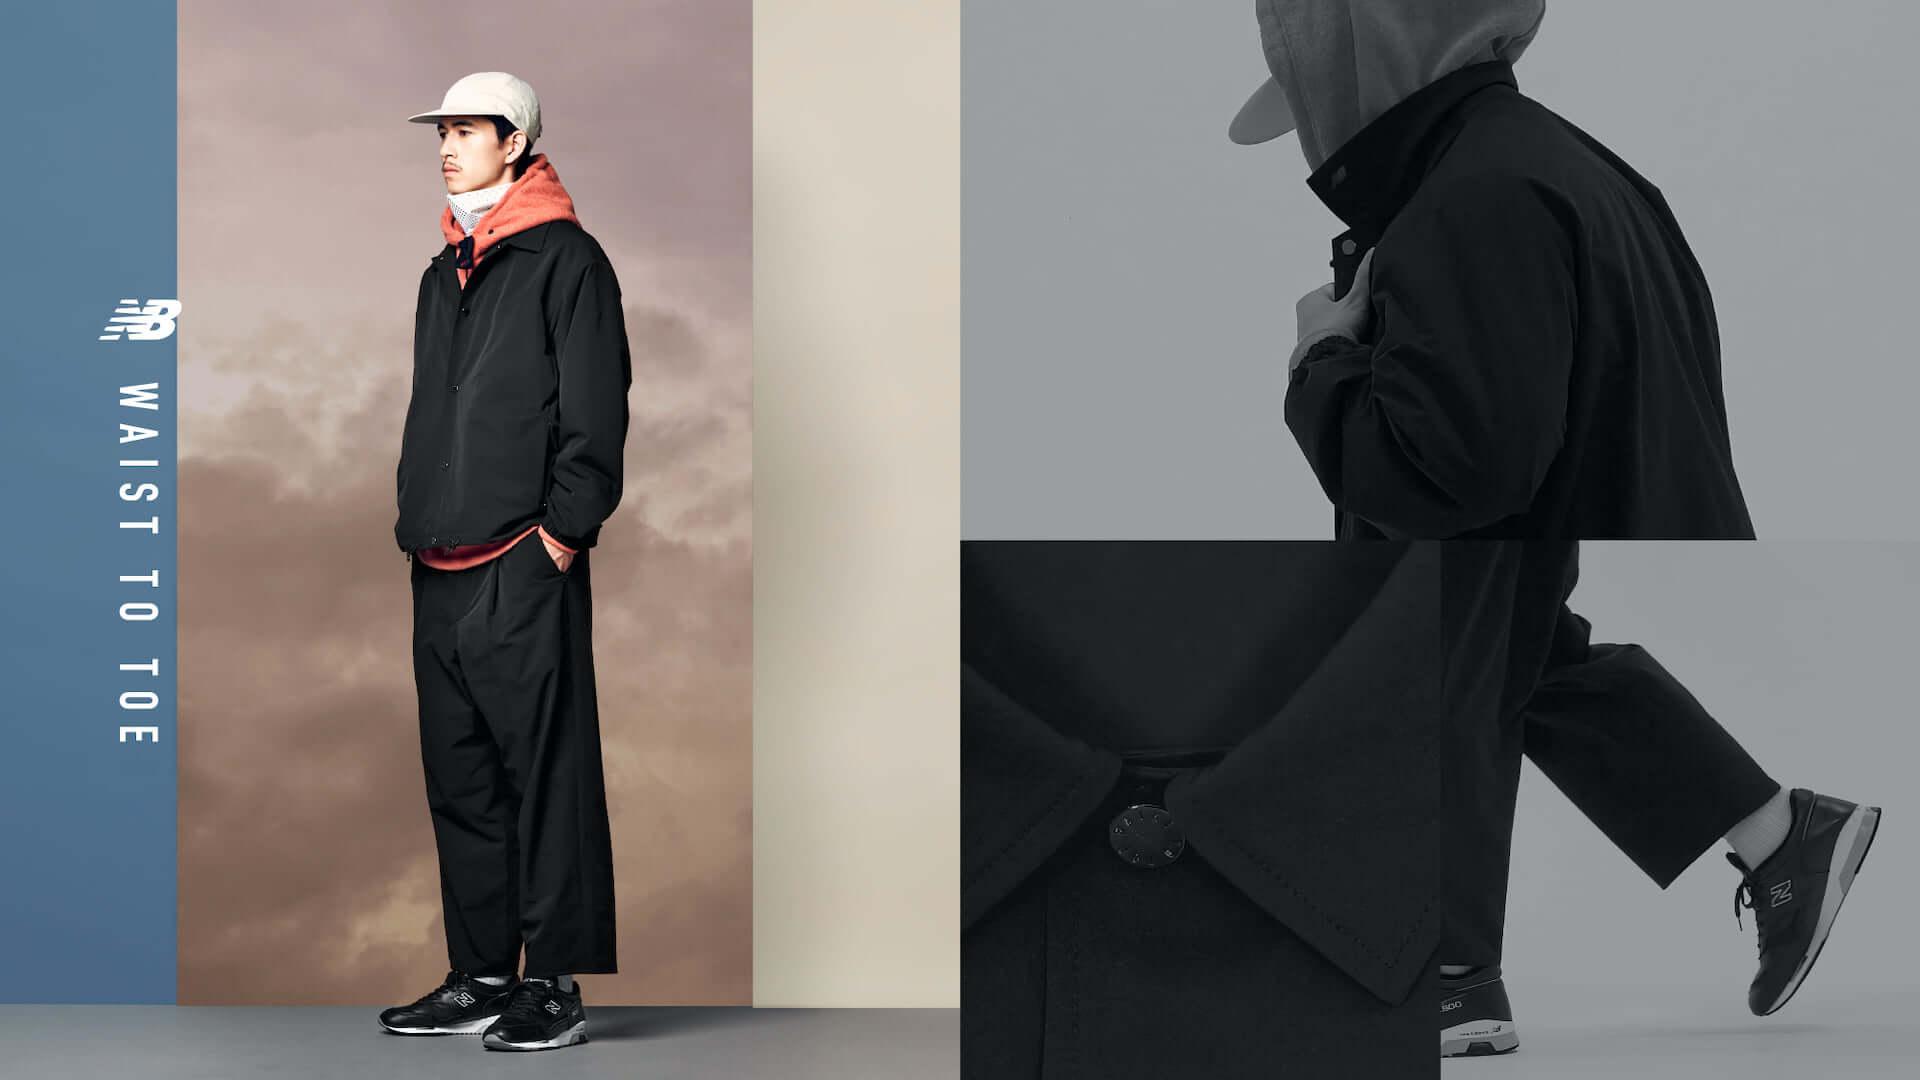 ニューバランスのパンツコレクション「WAIST TO TOE」にセットアップジャケット5型が登場!組み合わせは全25通り lf200910_newbalance_9-1920x1080